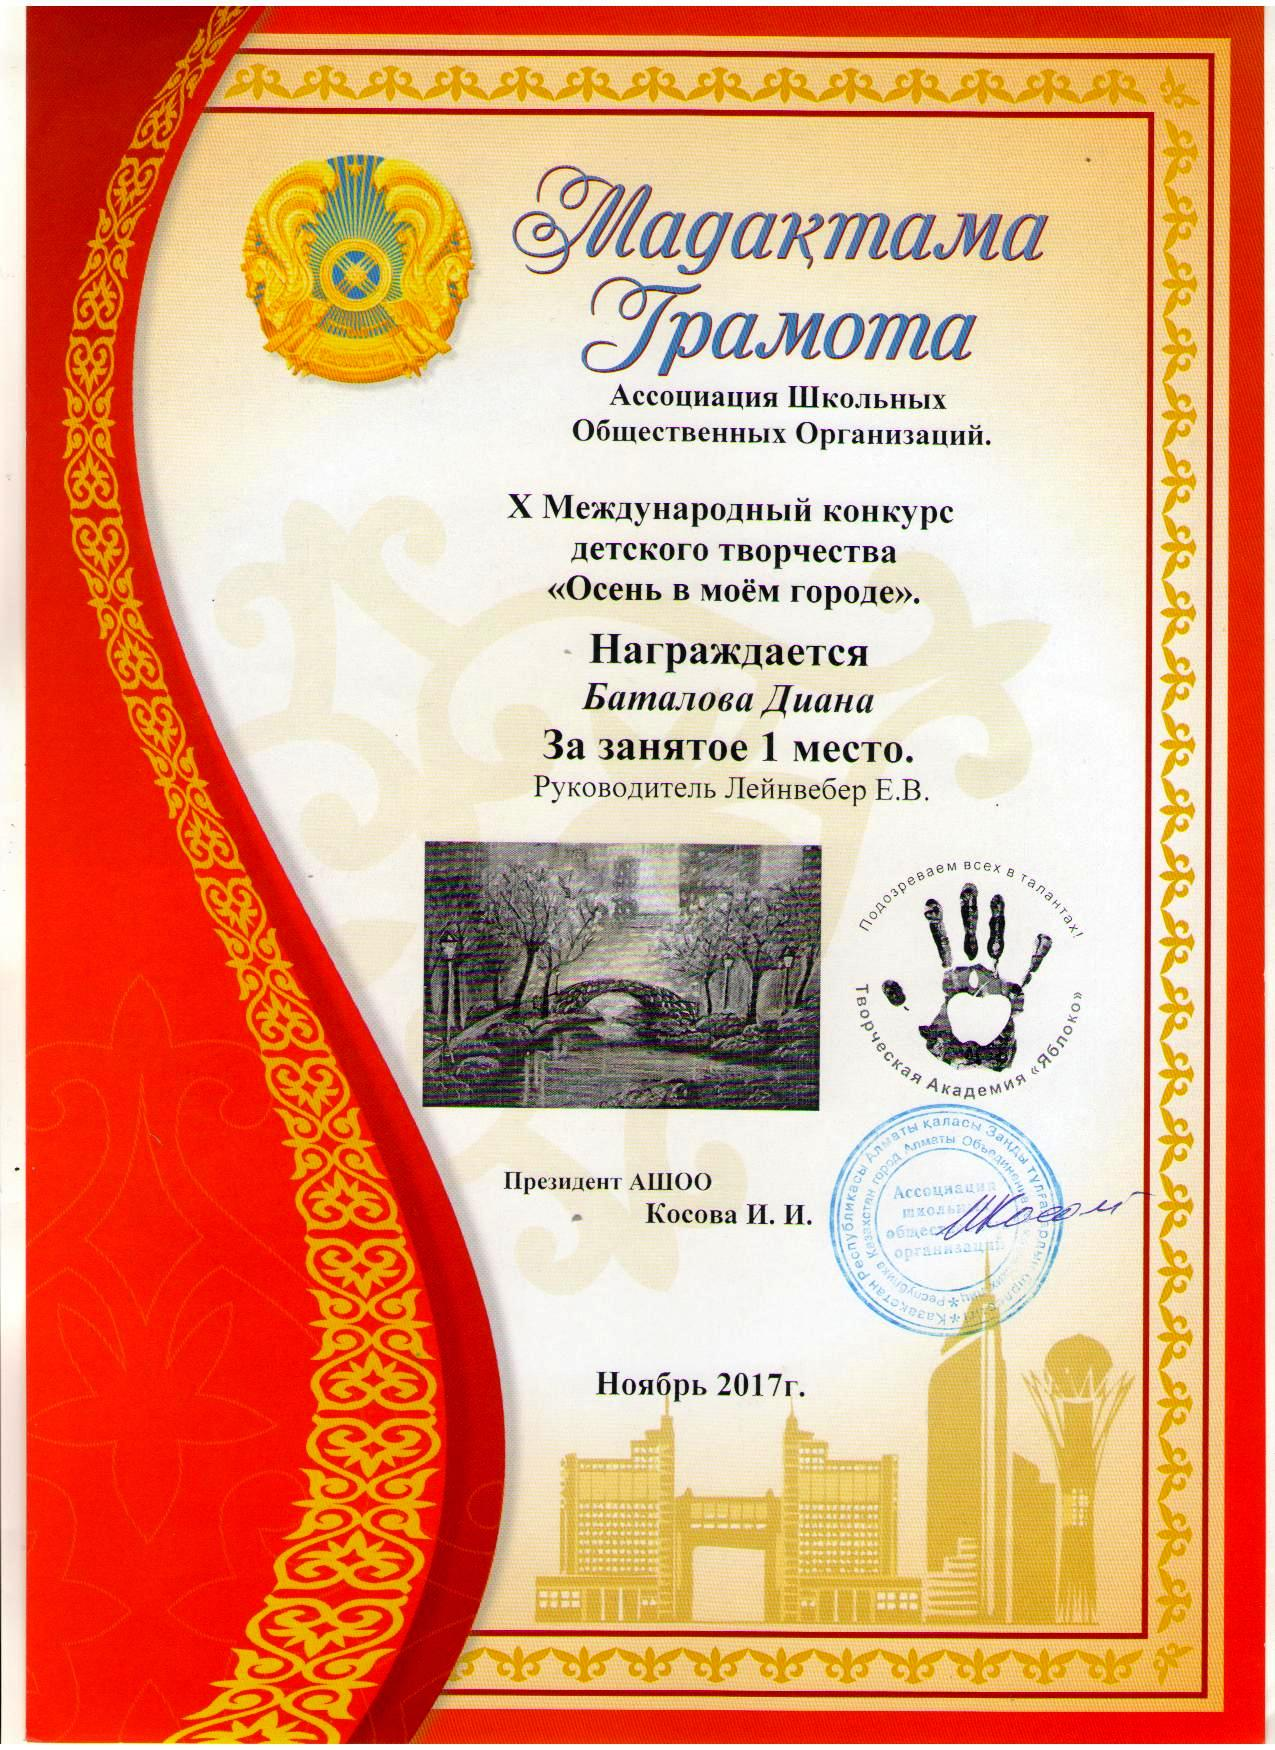 Баталова Диана